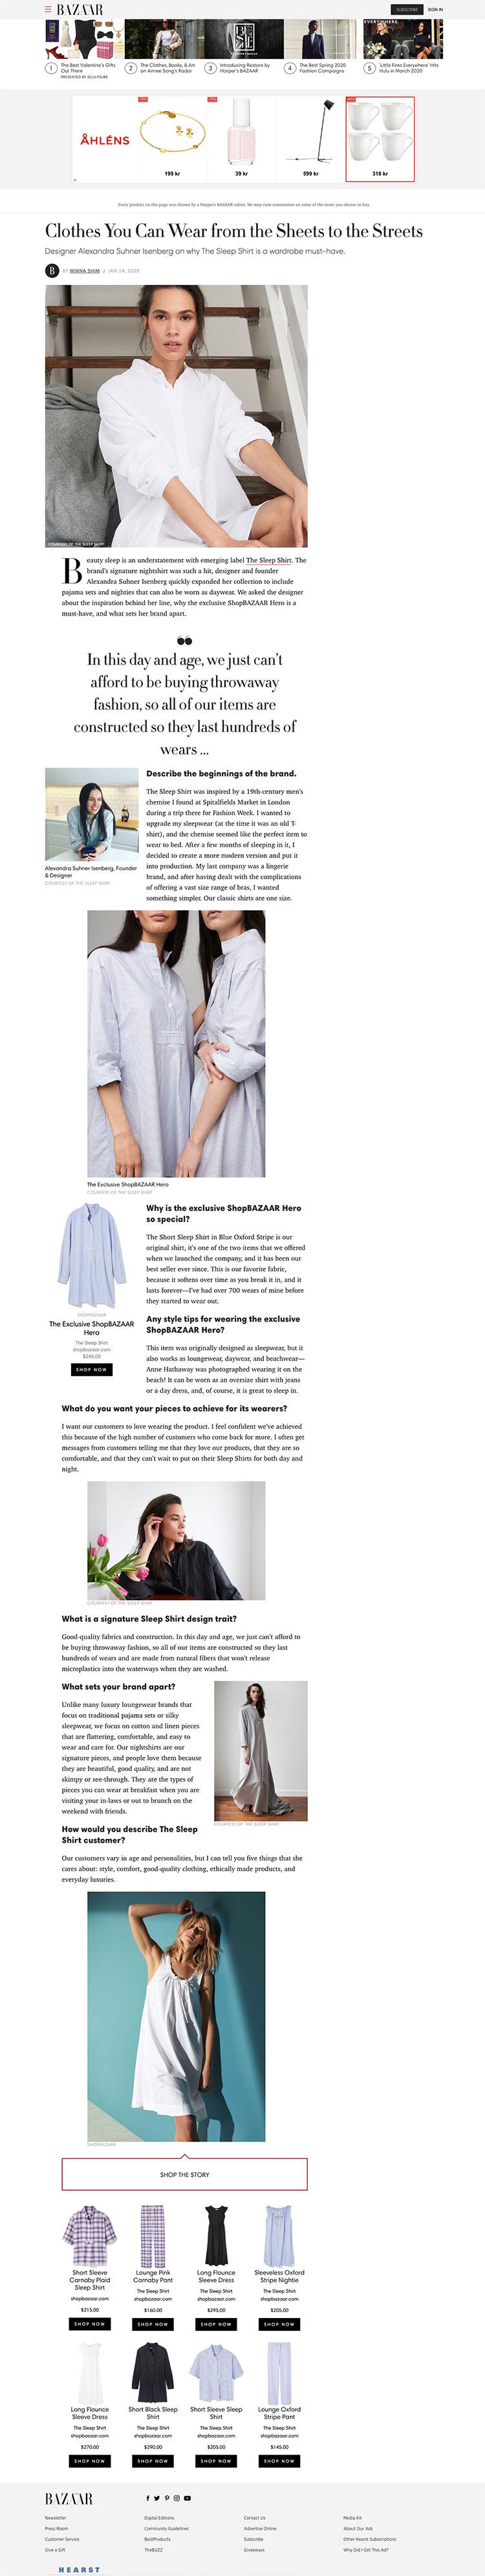 Harper's_Bazaar_Online_Spread